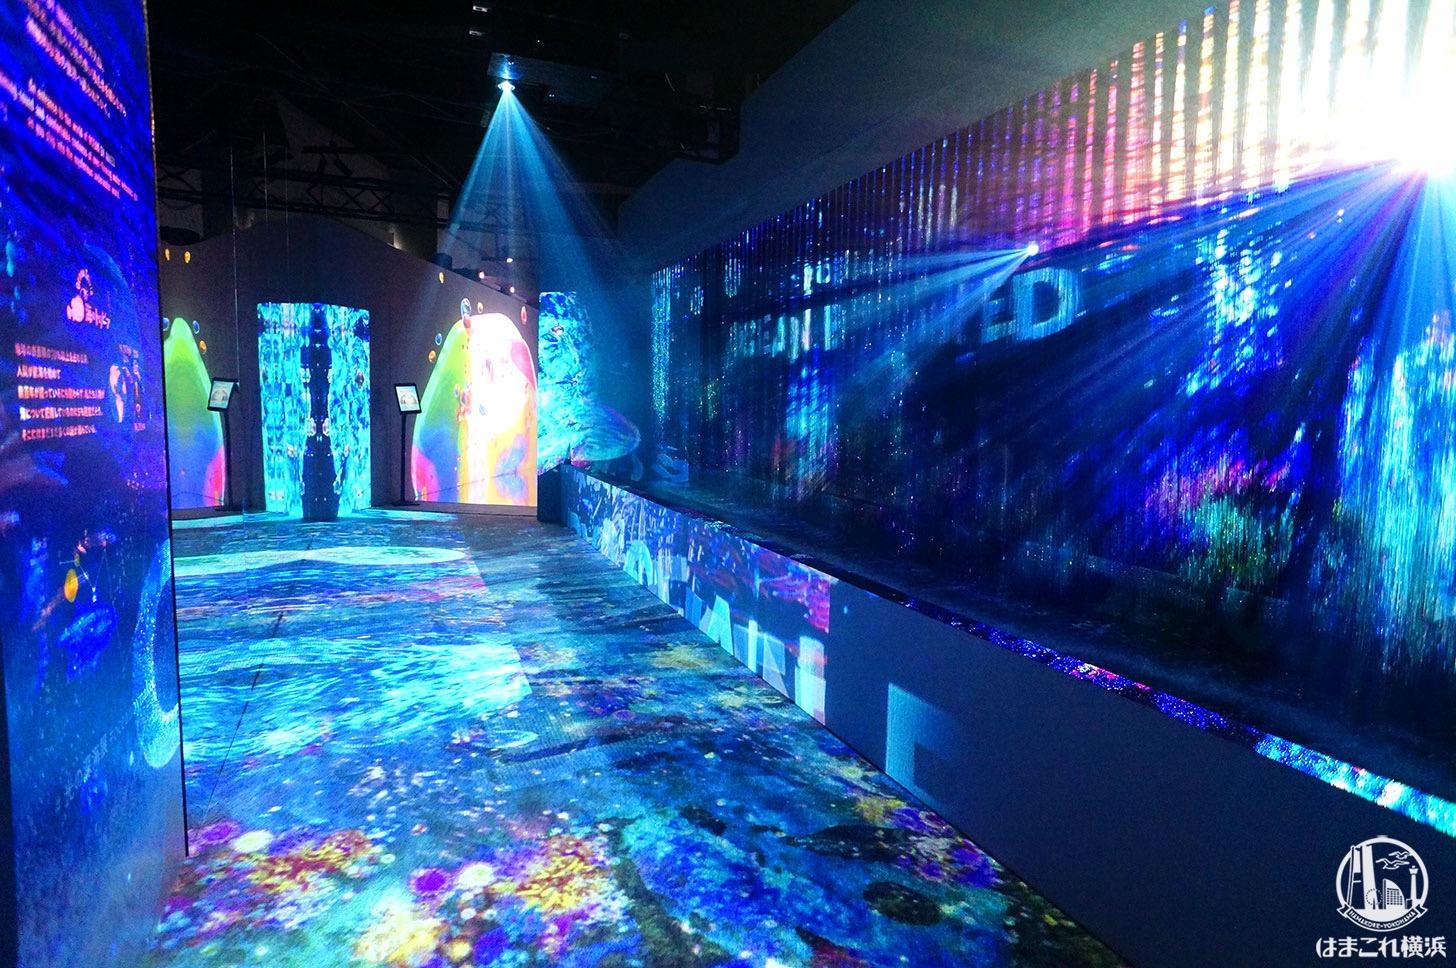 オーシャン バイ ネイキッド 光の深海展「入り口」